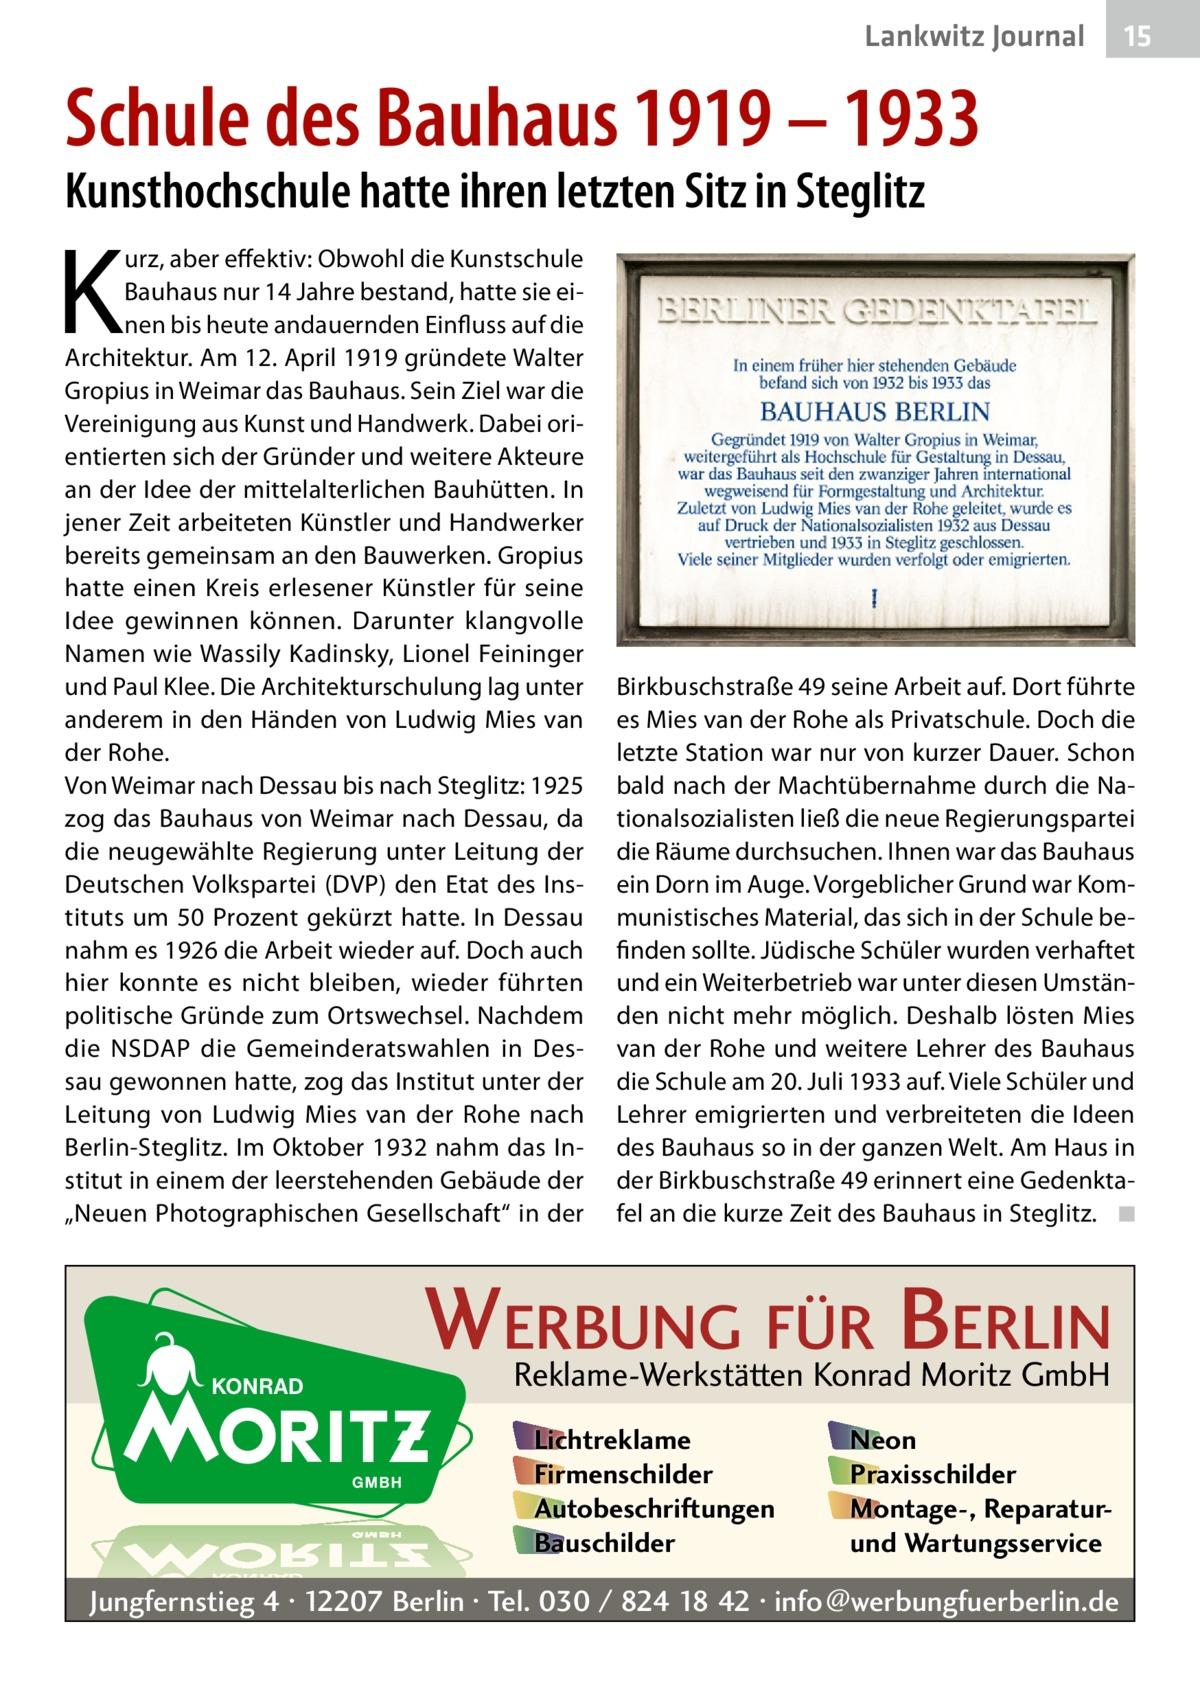 """Lankwitz Journal  15  Schule des Bauhaus 1919 – 1933 Kunsthochschule hatte ihren letzten Sitz in Steglitz  K  urz, aber effektiv: Obwohl die Kunstschule Bauhaus nur 14Jahre bestand, hatte sie einen bis heute andauernden Einfluss auf die Architektur. Am 12.April 1919 gründete Walter Gropius in Weimar das Bauhaus. Sein Ziel war die Vereinigung aus Kunst und Handwerk. Dabei orientierten sich der Gründer und weitere Akteure an der Idee der mittelalterlichen Bauhütten. In jener Zeit arbeiteten Künstler und Handwerker bereits gemeinsam an den Bauwerken. Gropius hatte einen Kreis erlesener Künstler für seine Idee gewinnen können. Darunter klangvolle Namen wie Wassily Kadinsky, Lionel Feininger und Paul Klee. Die Architekturschulung lag unter anderem in den Händen von Ludwig Mies van der Rohe. Von Weimar nach Dessau bis nach Steglitz: 1925 zog das Bauhaus von Weimar nach Dessau, da die neugewählte Regierung unter Leitung der Deutschen Volkspartei (DVP) den Etat des Instituts um 50Prozent gekürzt hatte. In Dessau nahm es 1926 die Arbeit wieder auf. Doch auch hier konnte es nicht bleiben, wieder führten politische Gründe zum Ortswechsel. Nachdem die NSDAP die Gemeinderatswahlen in Dessau gewonnen hatte, zog das Institut unter der Leitung von Ludwig Mies van der Rohe nach Berlin-Steglitz. Im Oktober 1932 nahm das Institut in einem der leerstehenden Gebäude der """"Neuen Photographischen Gesellschaft"""" in der  Birkbuschstraße49 seine Arbeit auf. Dort führte es Mies van der Rohe als Privatschule. Doch die letzte Station war nur von kurzer Dauer. Schon bald nach der Machtübernahme durch die Nationalsozialisten ließ die neue Regierungspartei die Räume durchsuchen. Ihnen war das Bauhaus ein Dorn im Auge. Vorgeblicher Grund war Kommunistisches Material, das sich in der Schule befinden sollte. Jüdische Schüler wurden verhaftet und ein Weiterbetrieb war unter diesen Umständen nicht mehr möglich. Deshalb lösten Mies van der Rohe und weitere Lehrer des Bauhaus die Schule am 20.Juli 1933 auf"""